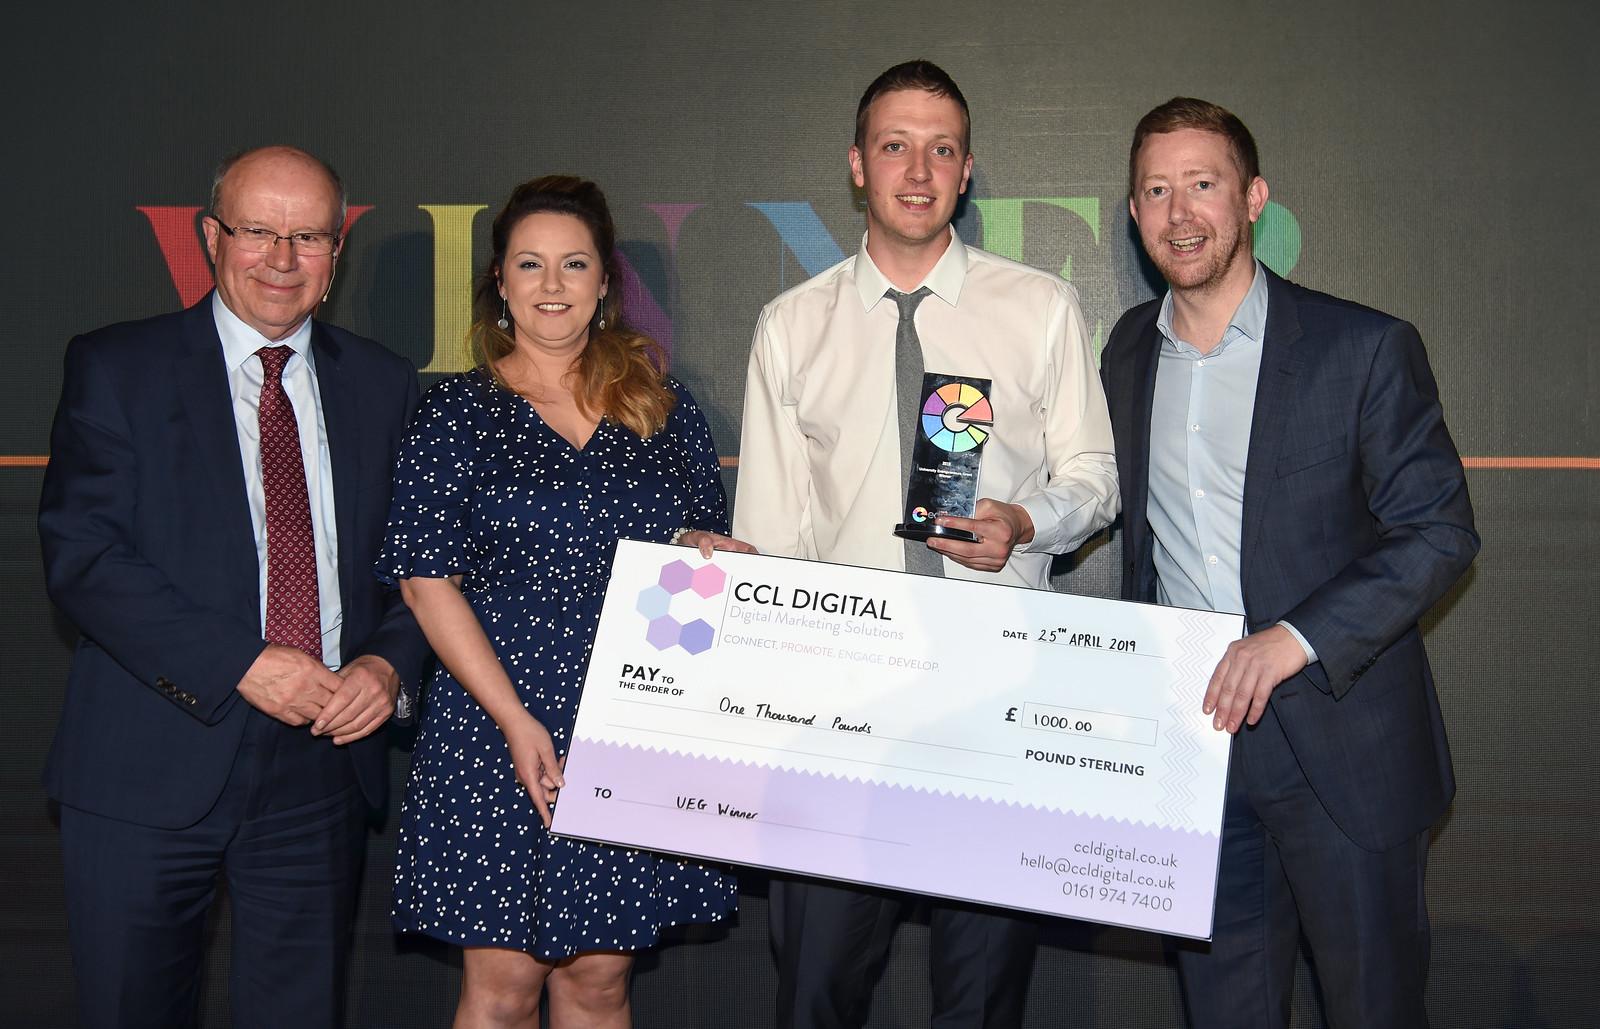 Dave Clayton winning a cheque